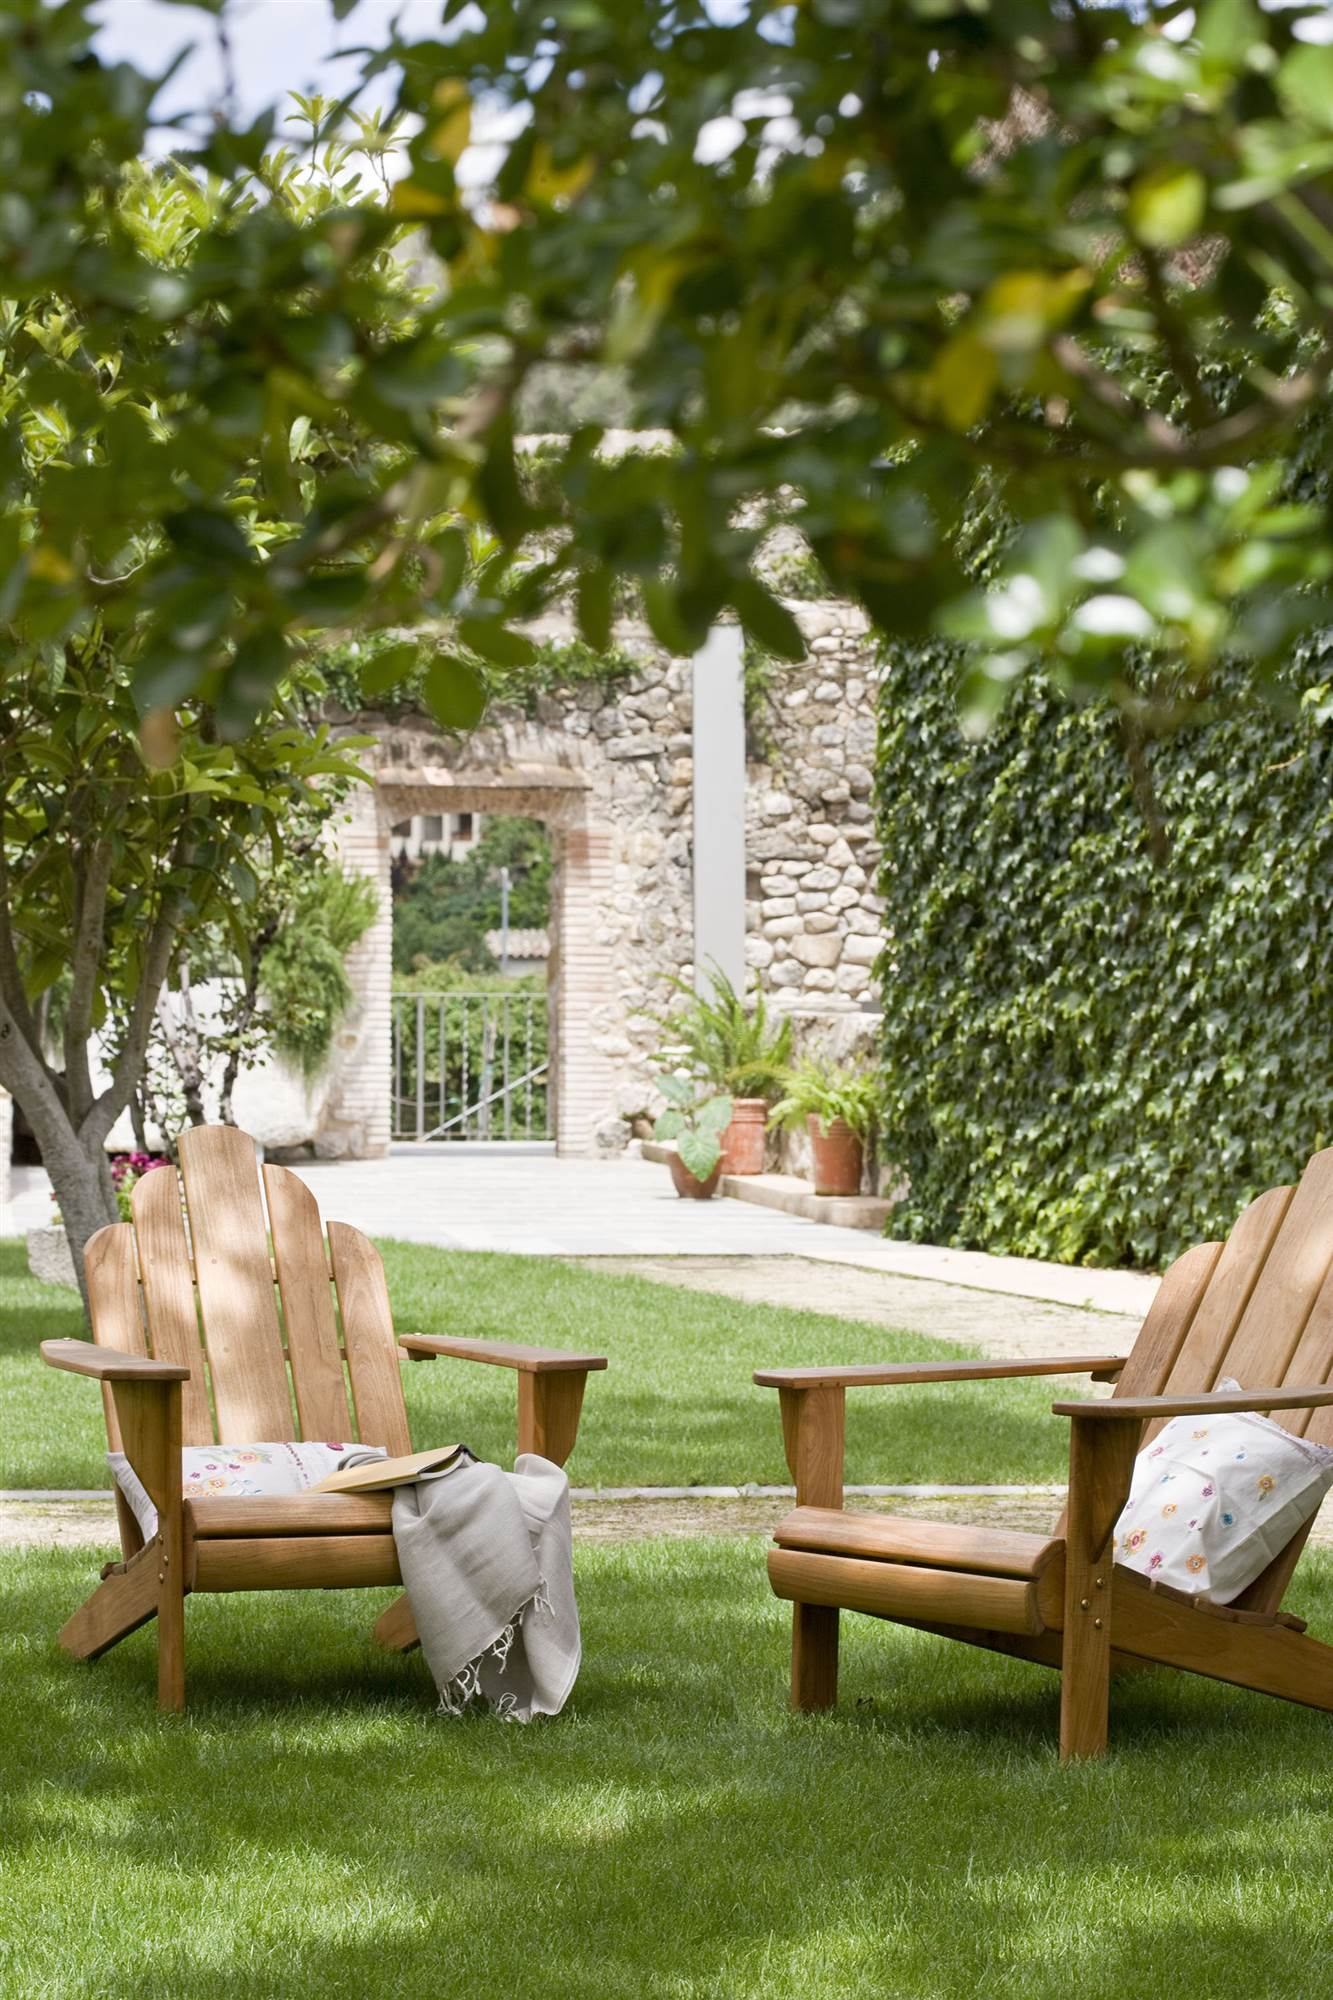 Jardines con madera jardn pequeo con bancos de madera y for Decoracion de jardines con piedras y madera